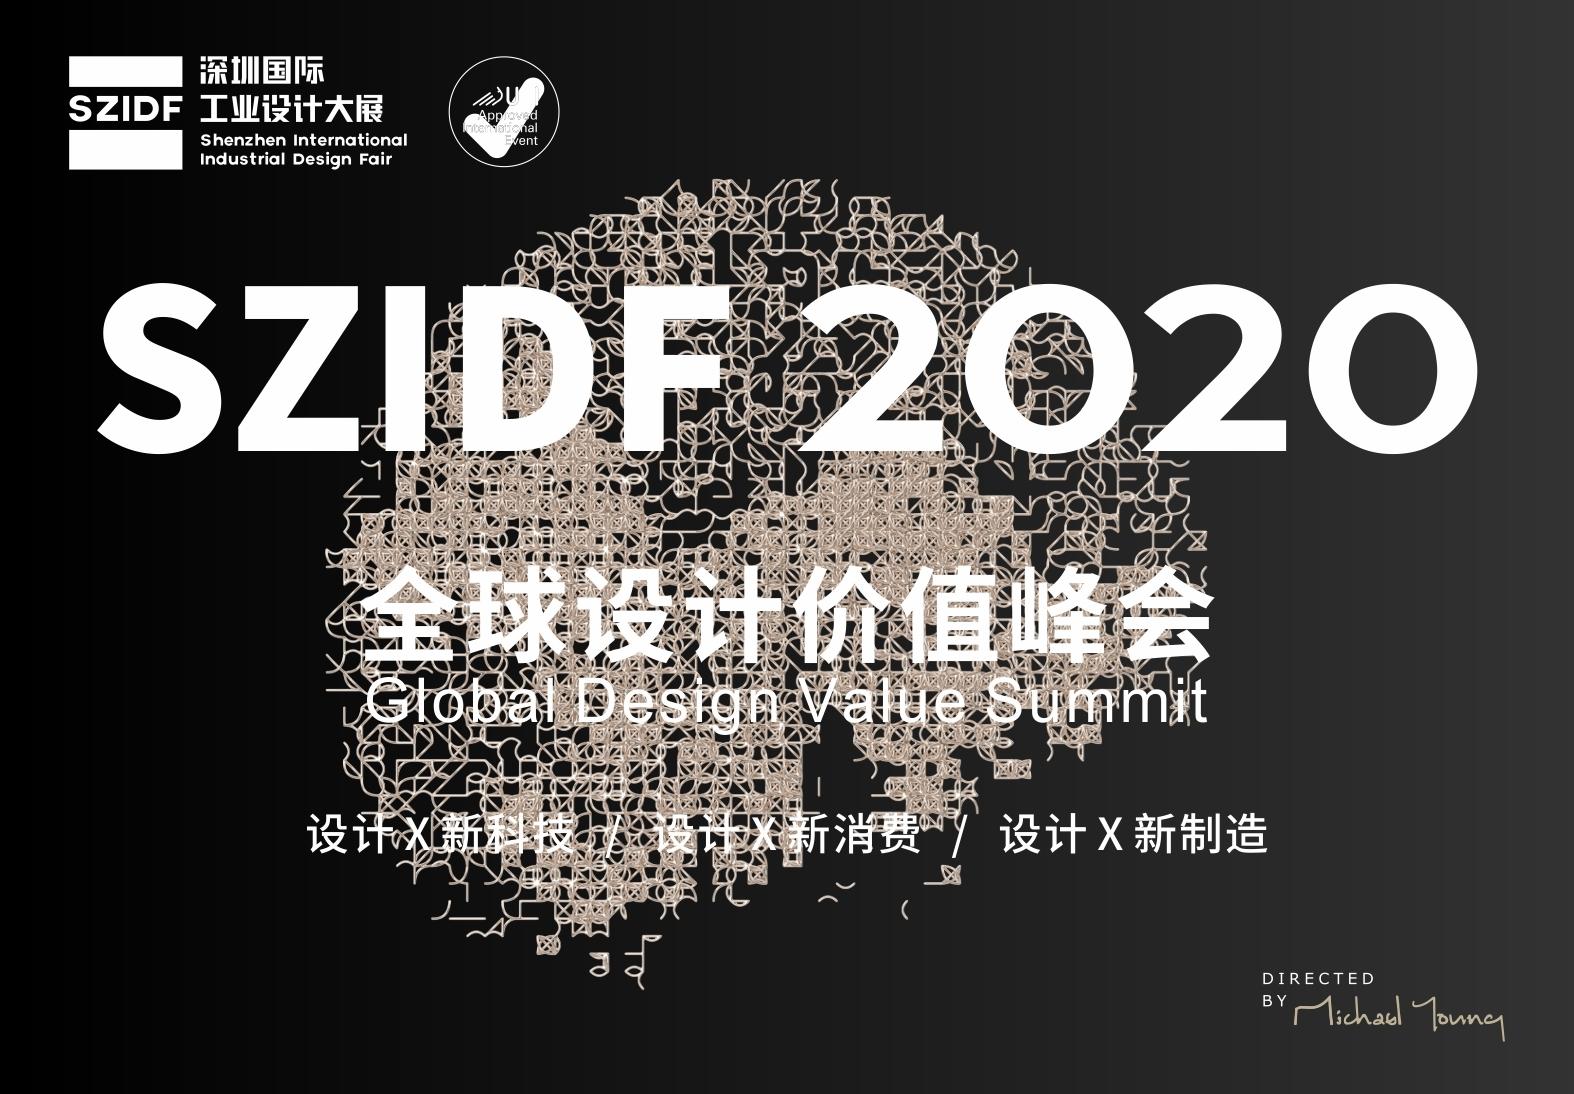 SZIDF2020   全球设计价值峰会